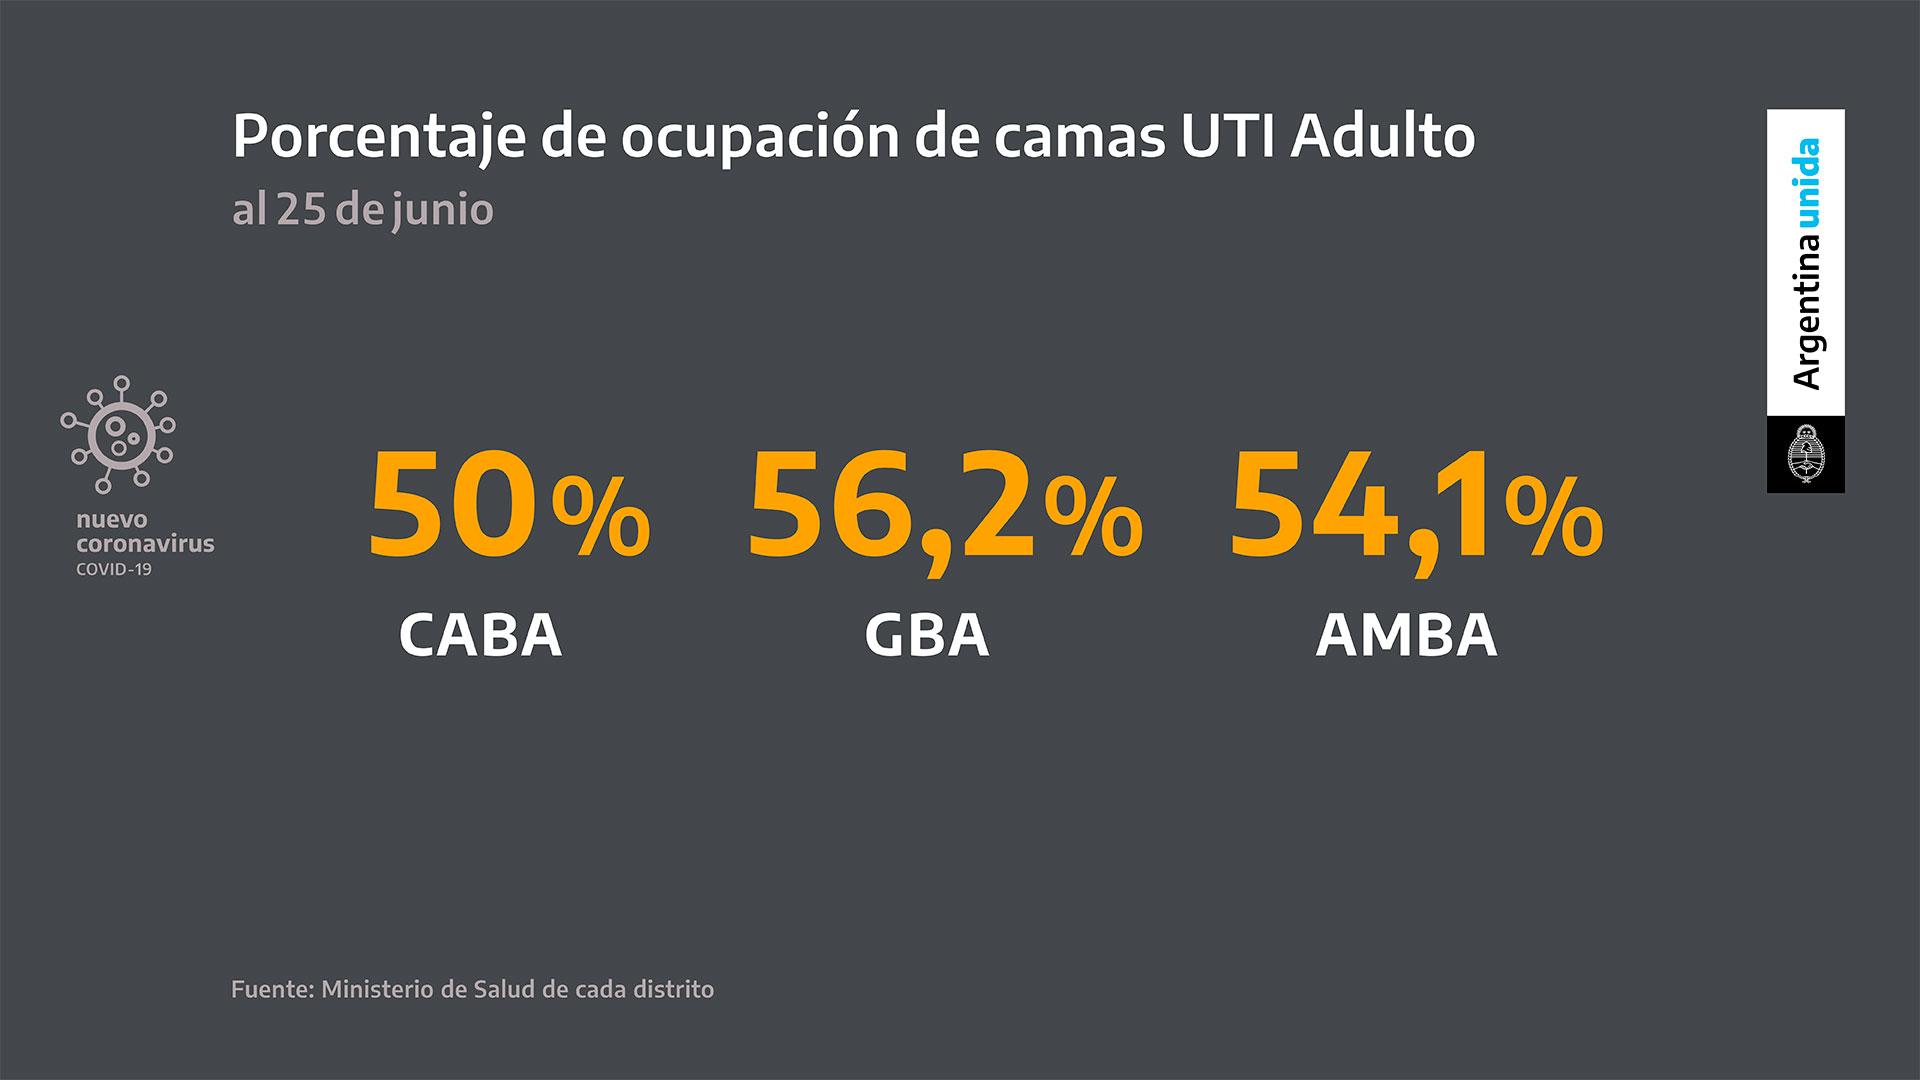 Debido a los contagios de los últimos días, la ocupación de camas de terapia intensiva ya supera el 50% tanto en la ciudad de Buenos Aires como en la provincia